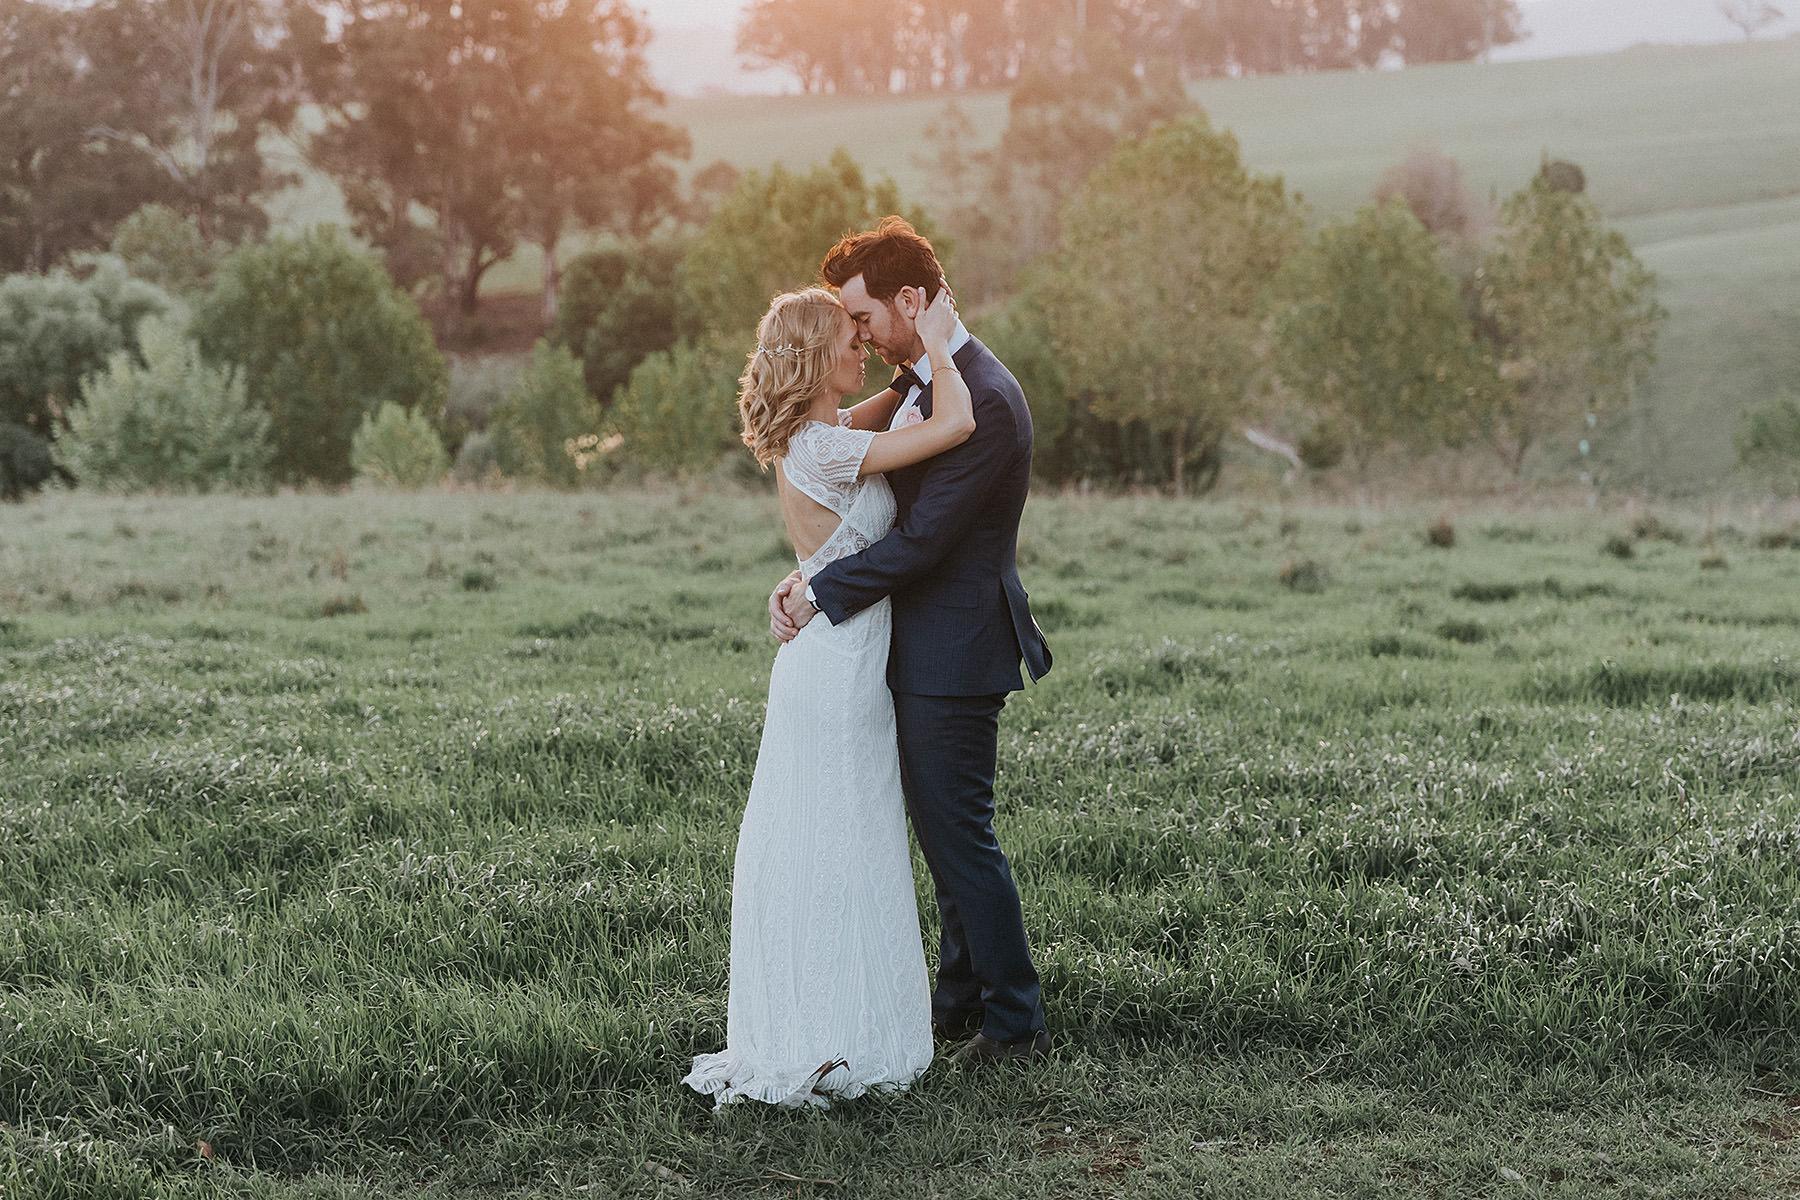 mali brae farm wedding photography